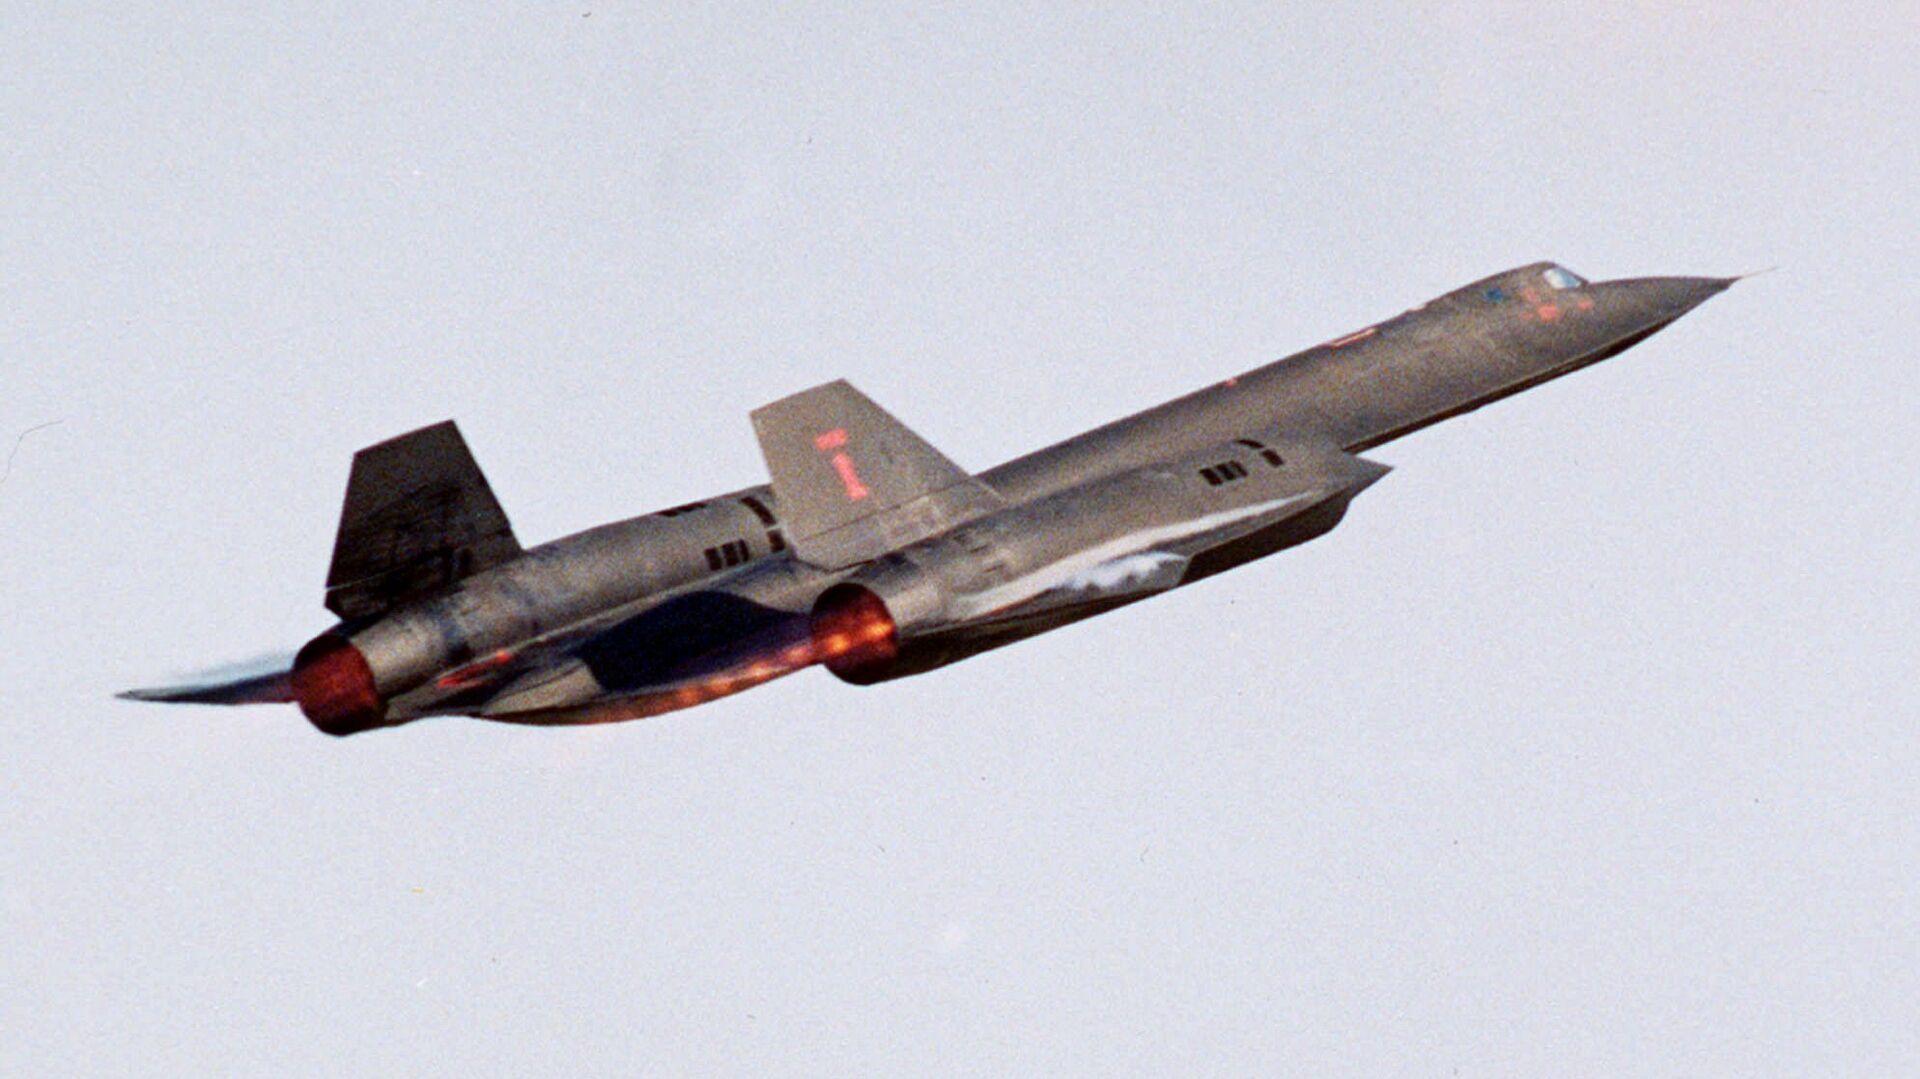 Американский самолет-шпион SR-71 Blackbird - РИА Новости, 1920, 15.06.2021